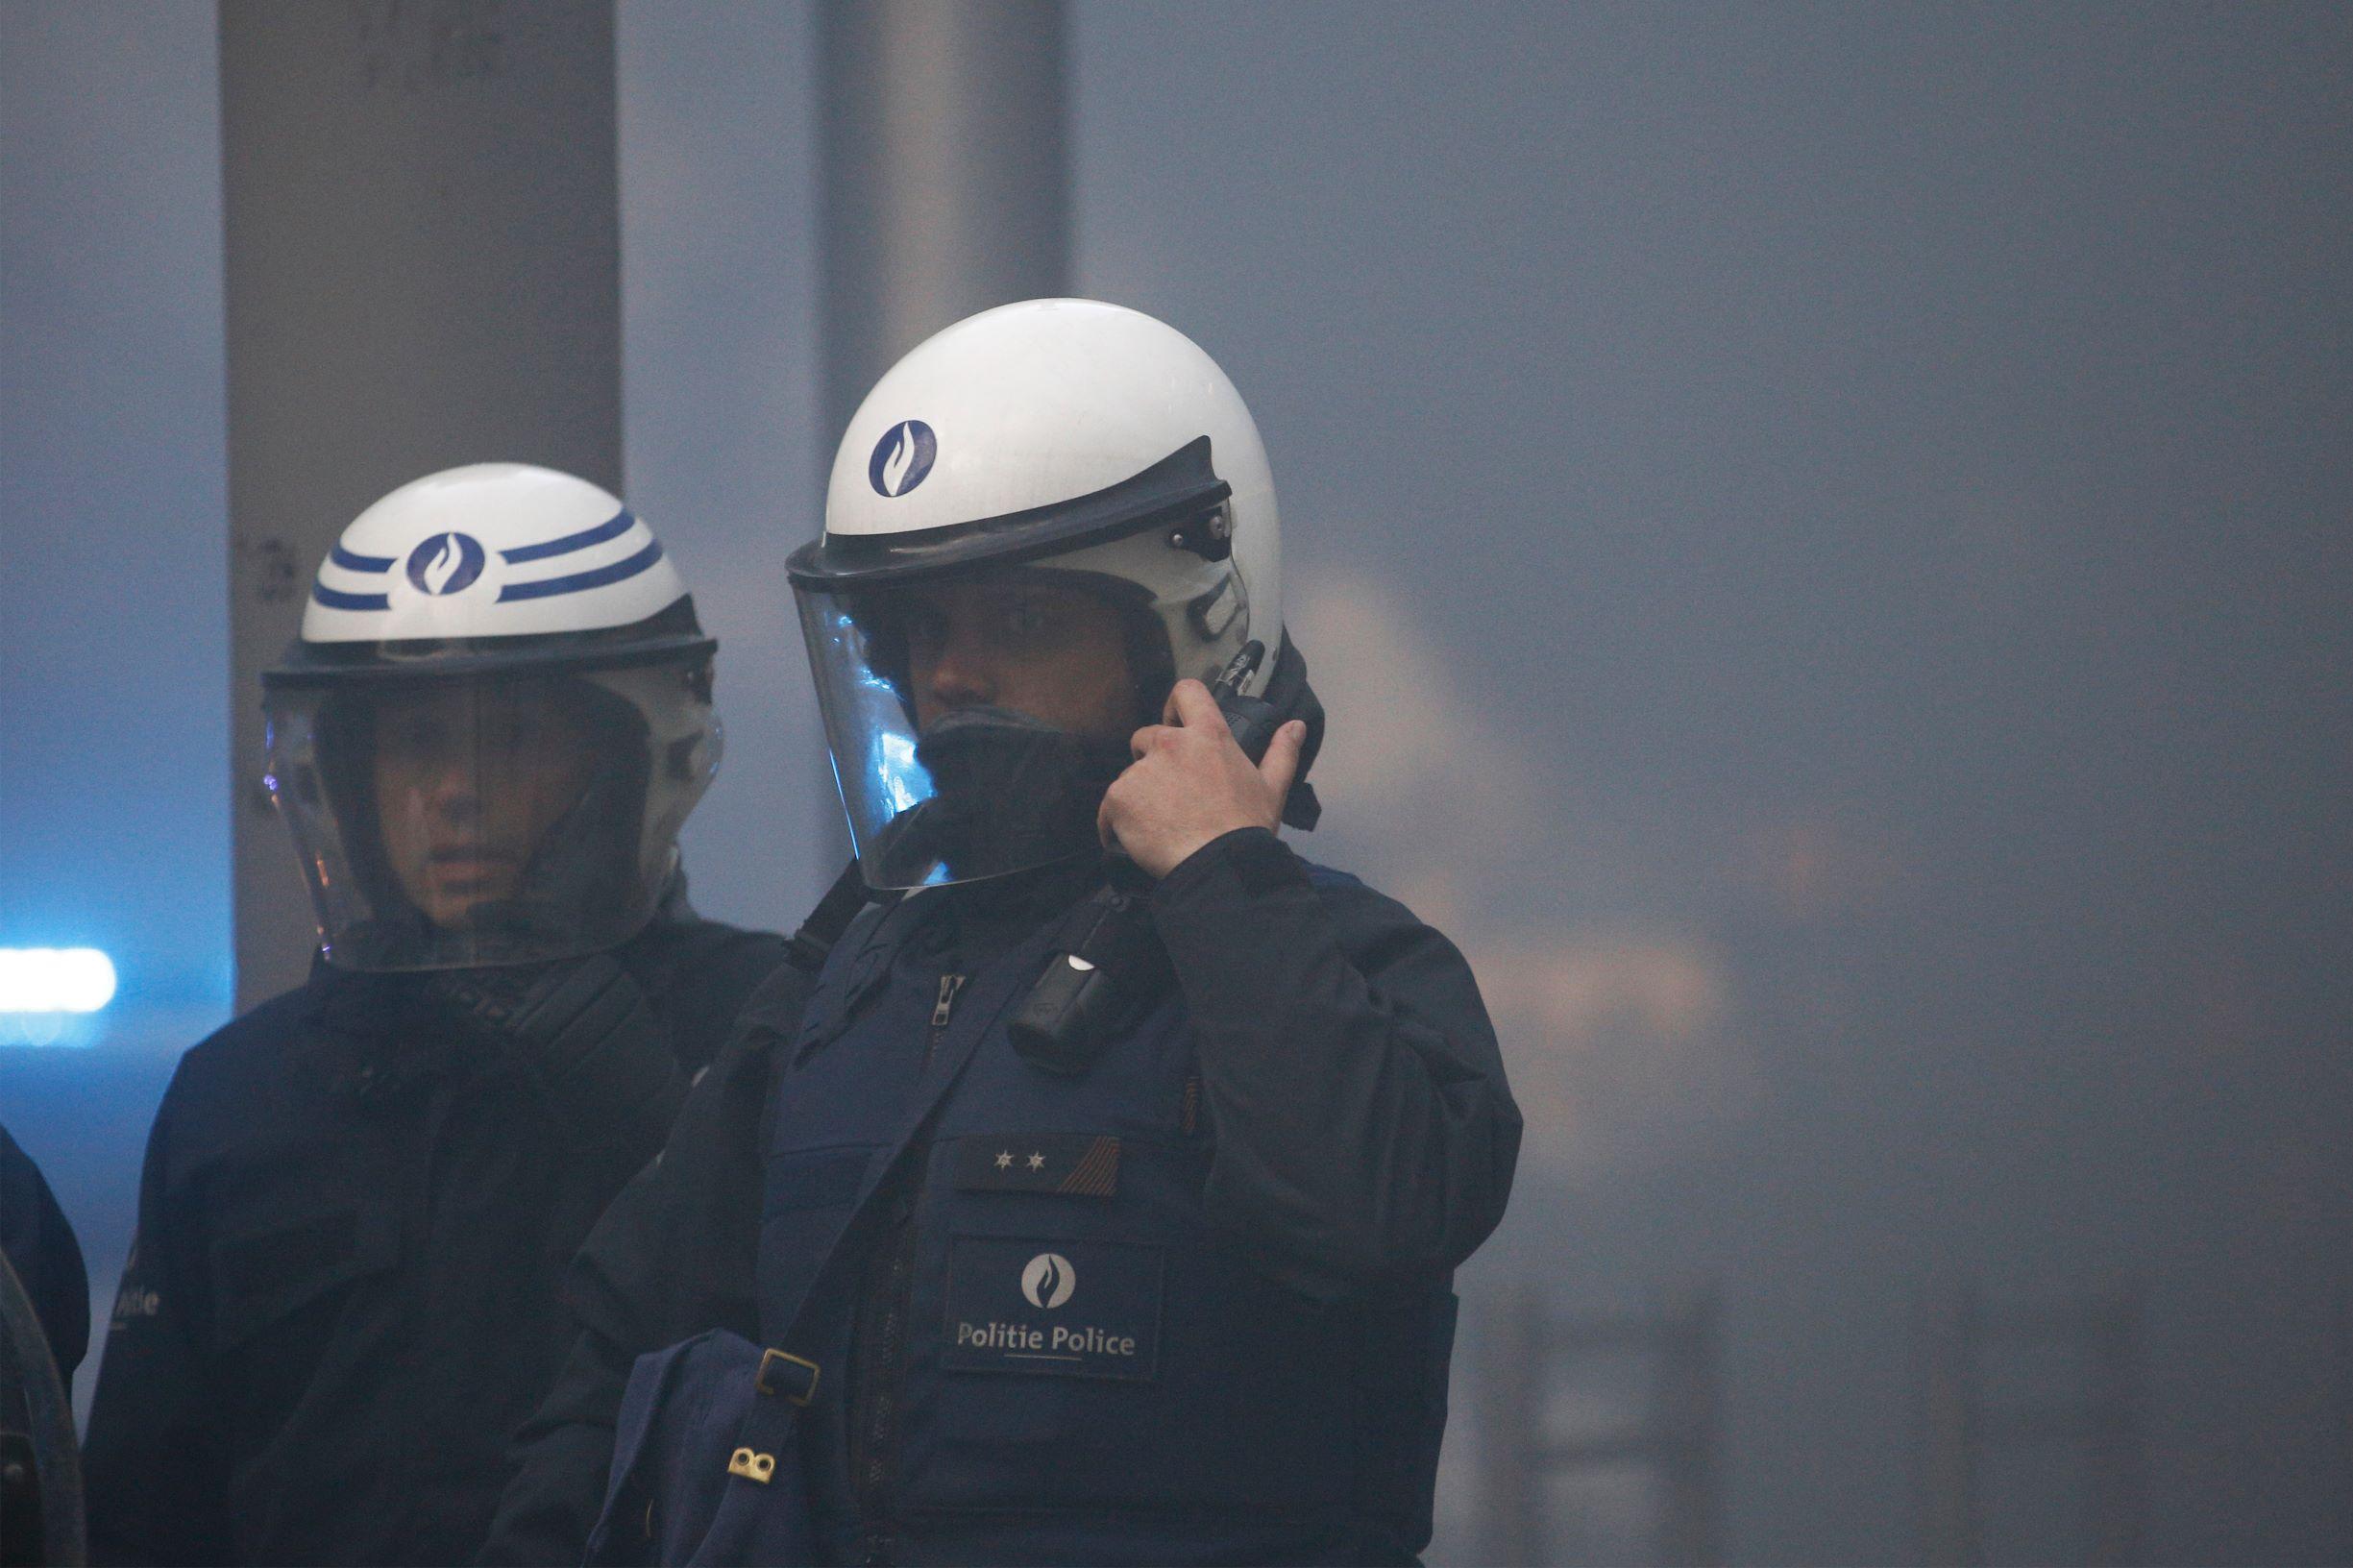 """VSOA Politie dient een stakingsaanzegging in na de """"BLM"""" betoging van 7 juni!"""